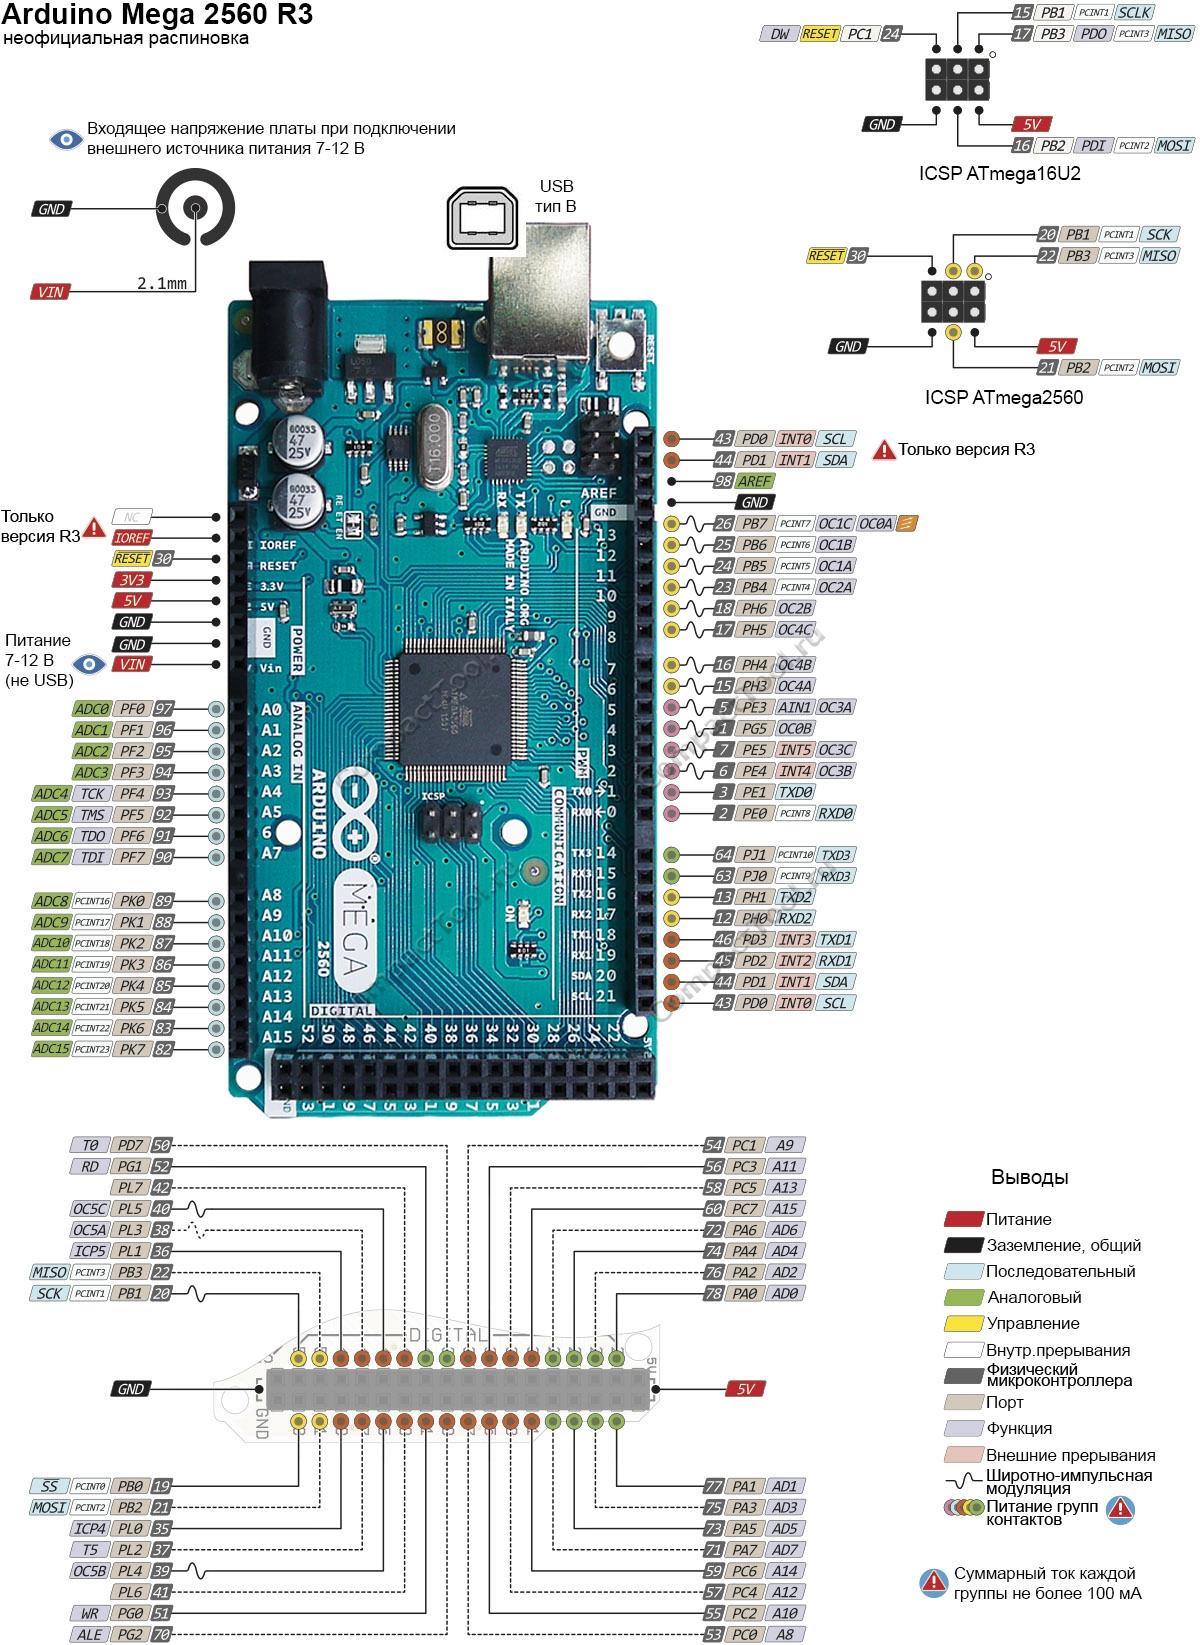 Arduino 1280 pinout